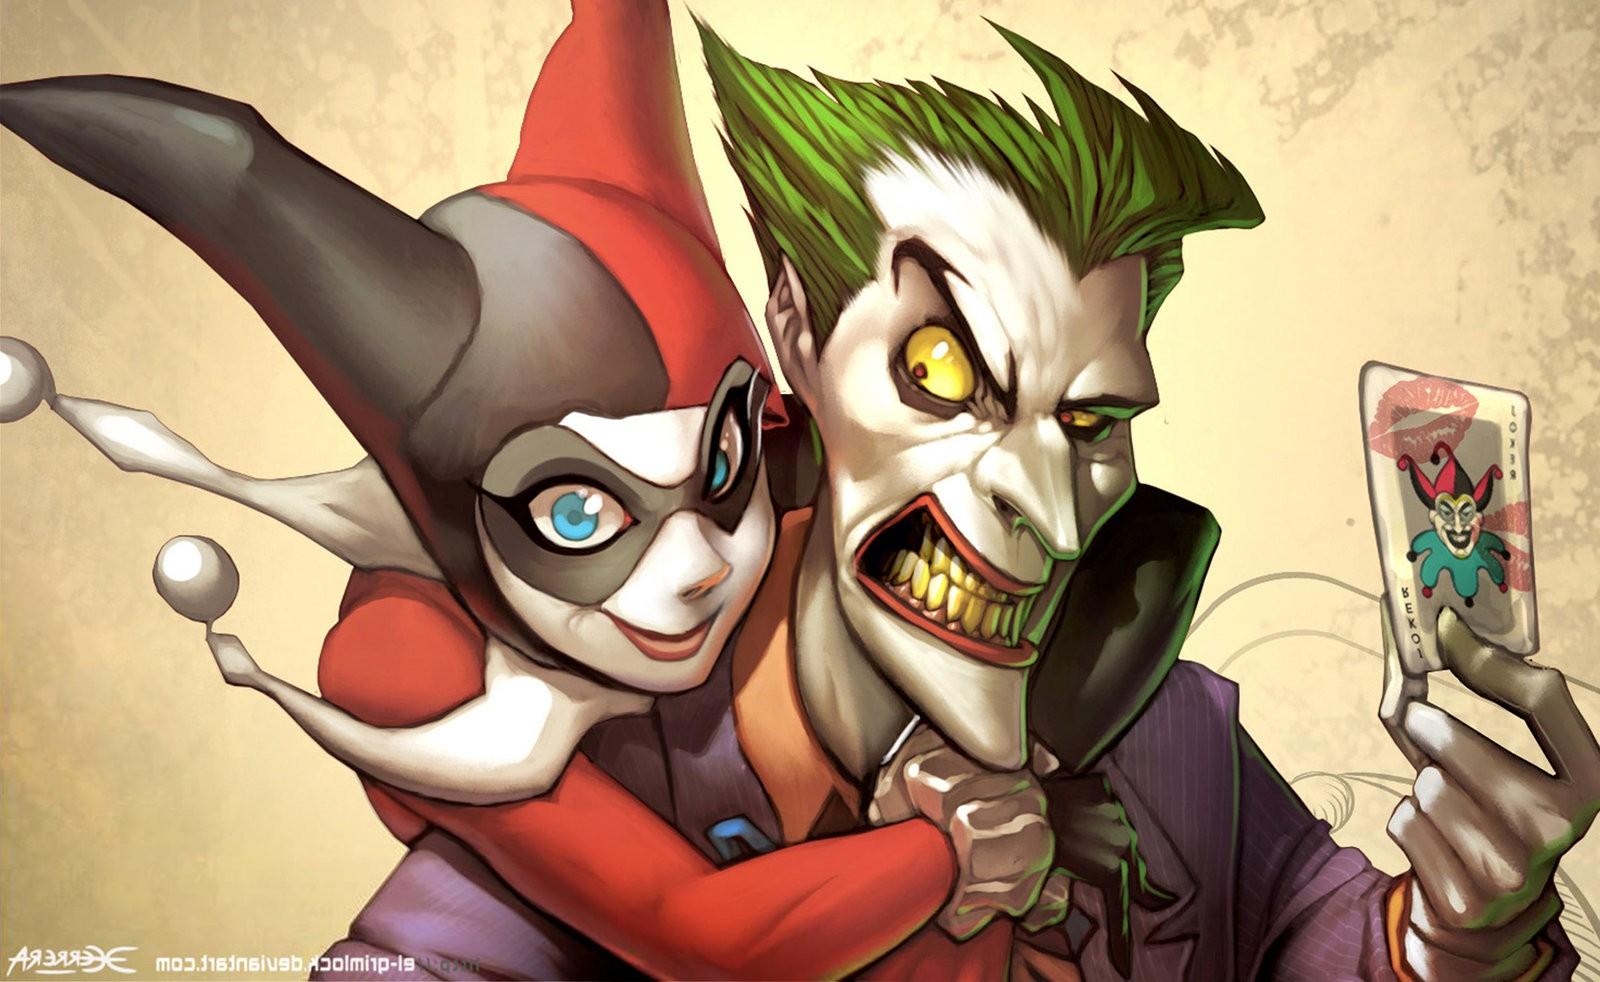 Wallpaper 1600x982 Px Dc Comics Harley Quinn Joker 1600x982